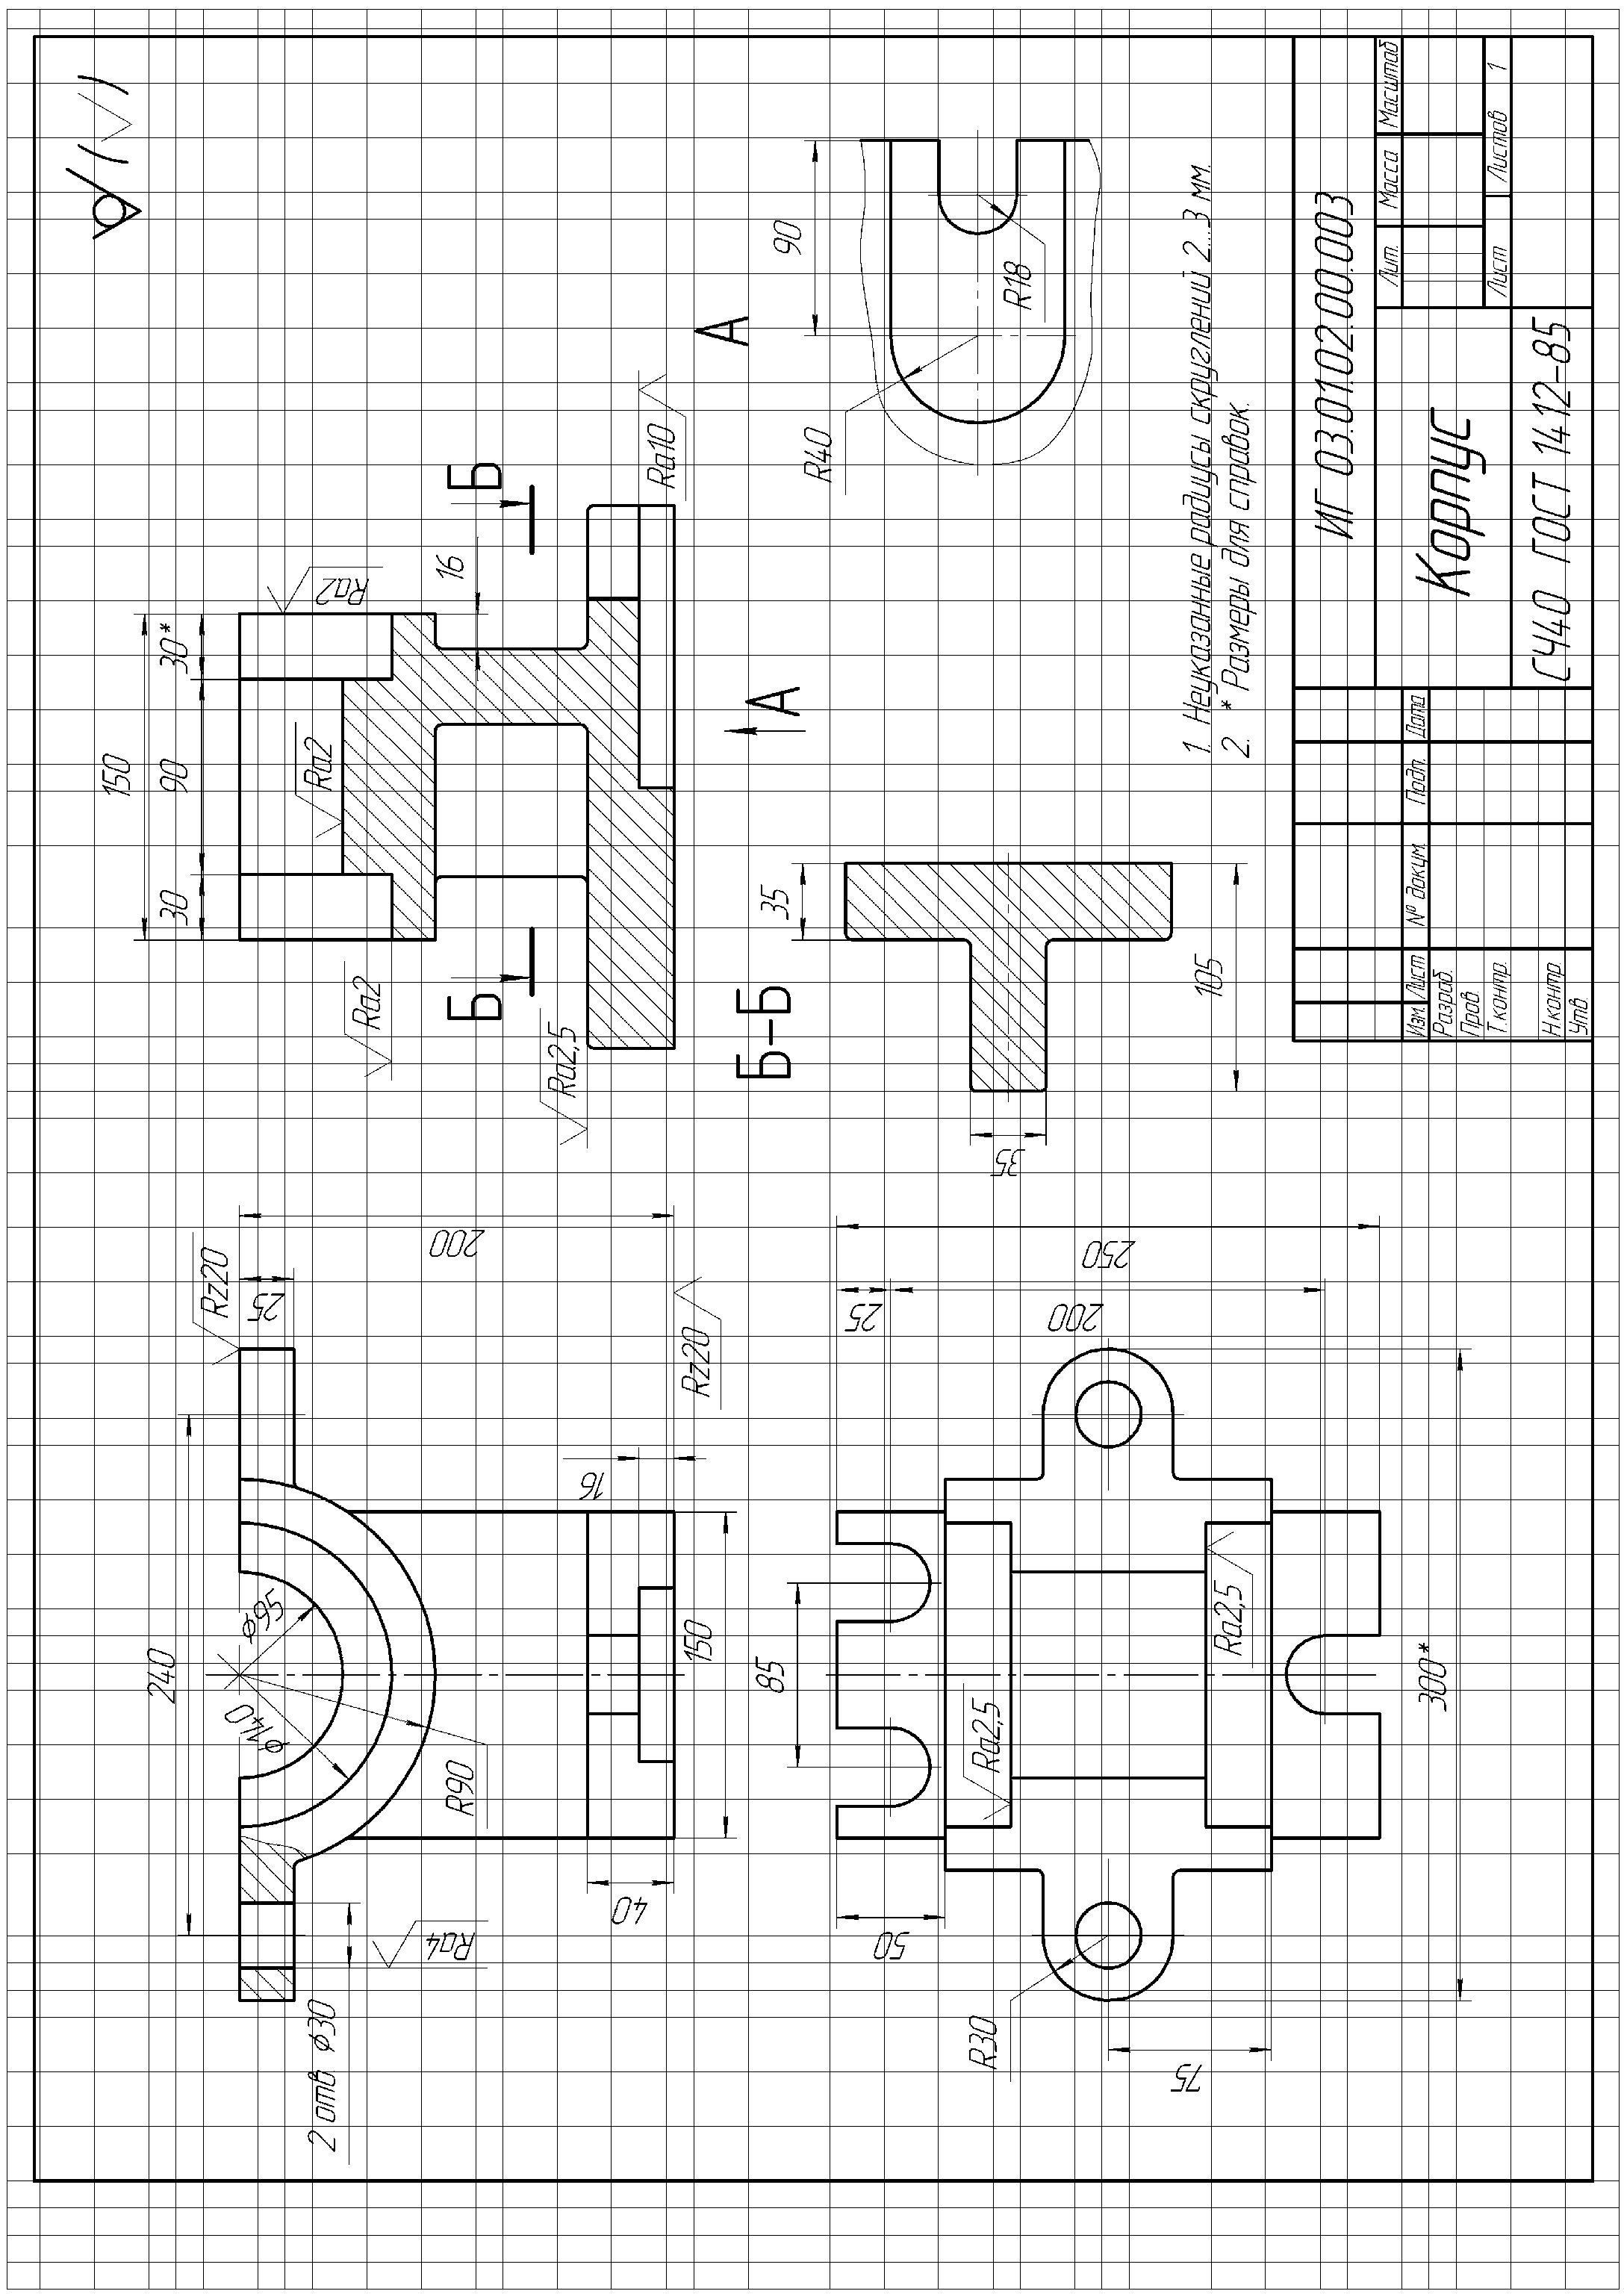 возможные тяжелые чертежи деталей машин с размерами картинки седина зоне бикини